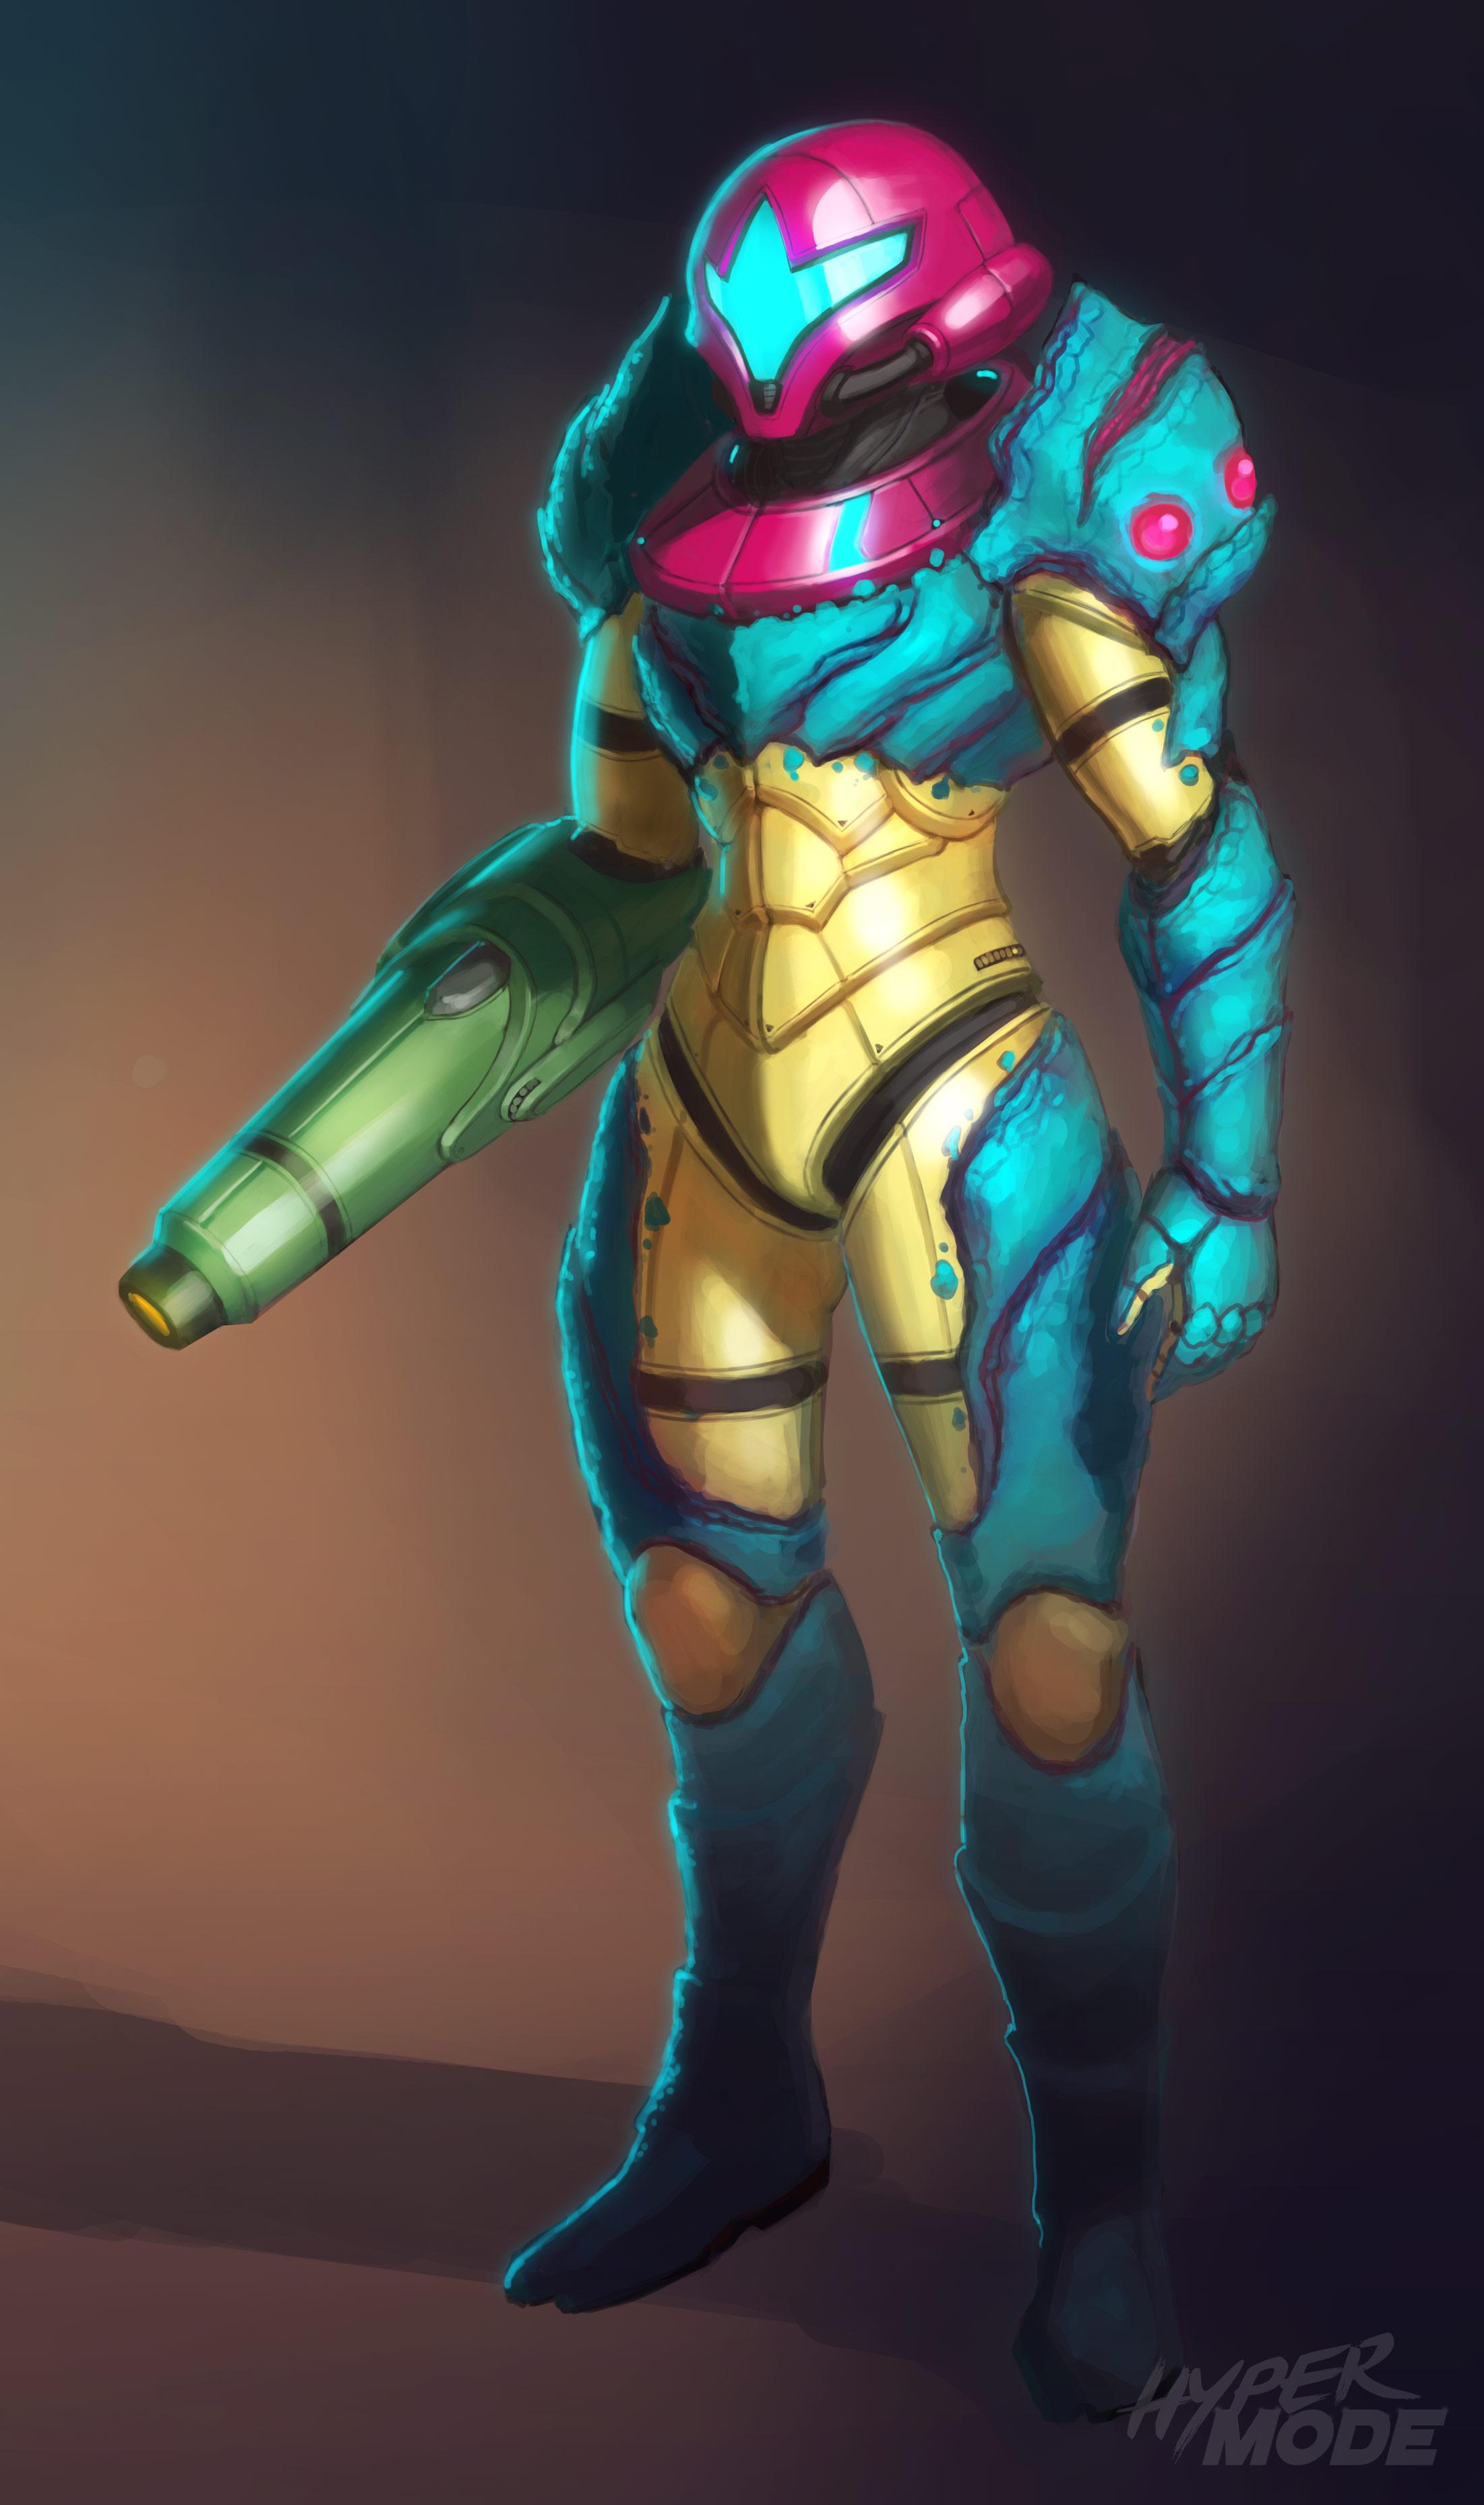 Samus Aran Metroid And Metroid Fusion Drawn By Dave Lopez